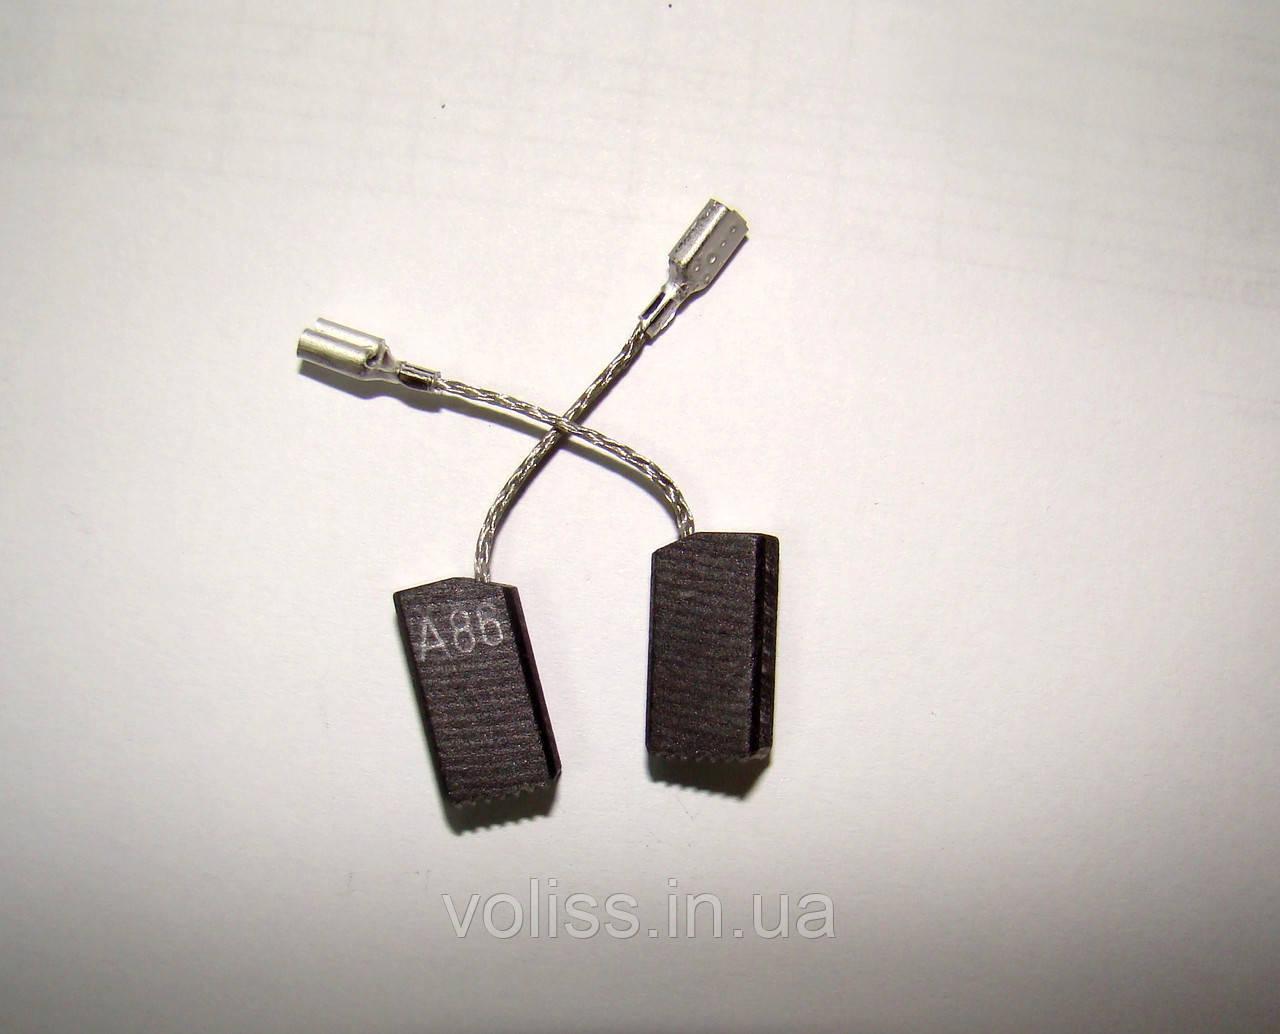 Щетки для GWS 850 C Bosch